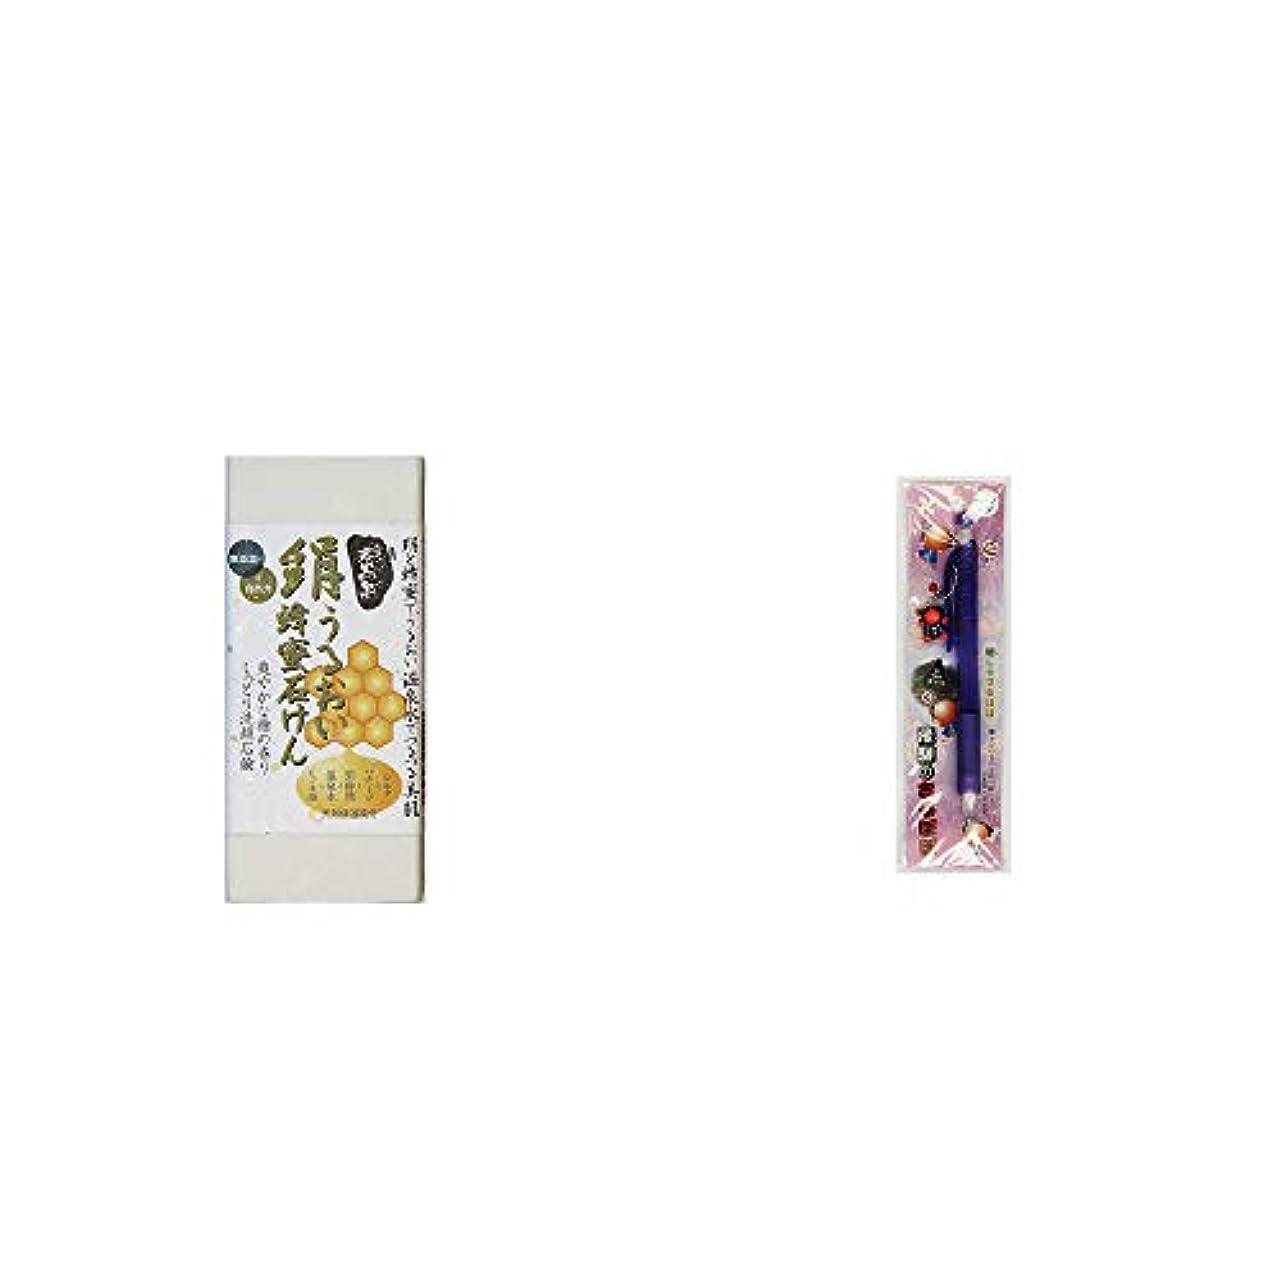 豊富論争的趣味[2点セット] ひのき炭黒泉 絹うるおい蜂蜜石けん(75g×2)?さるぼぼ 癒しシャープペン 【パープル】